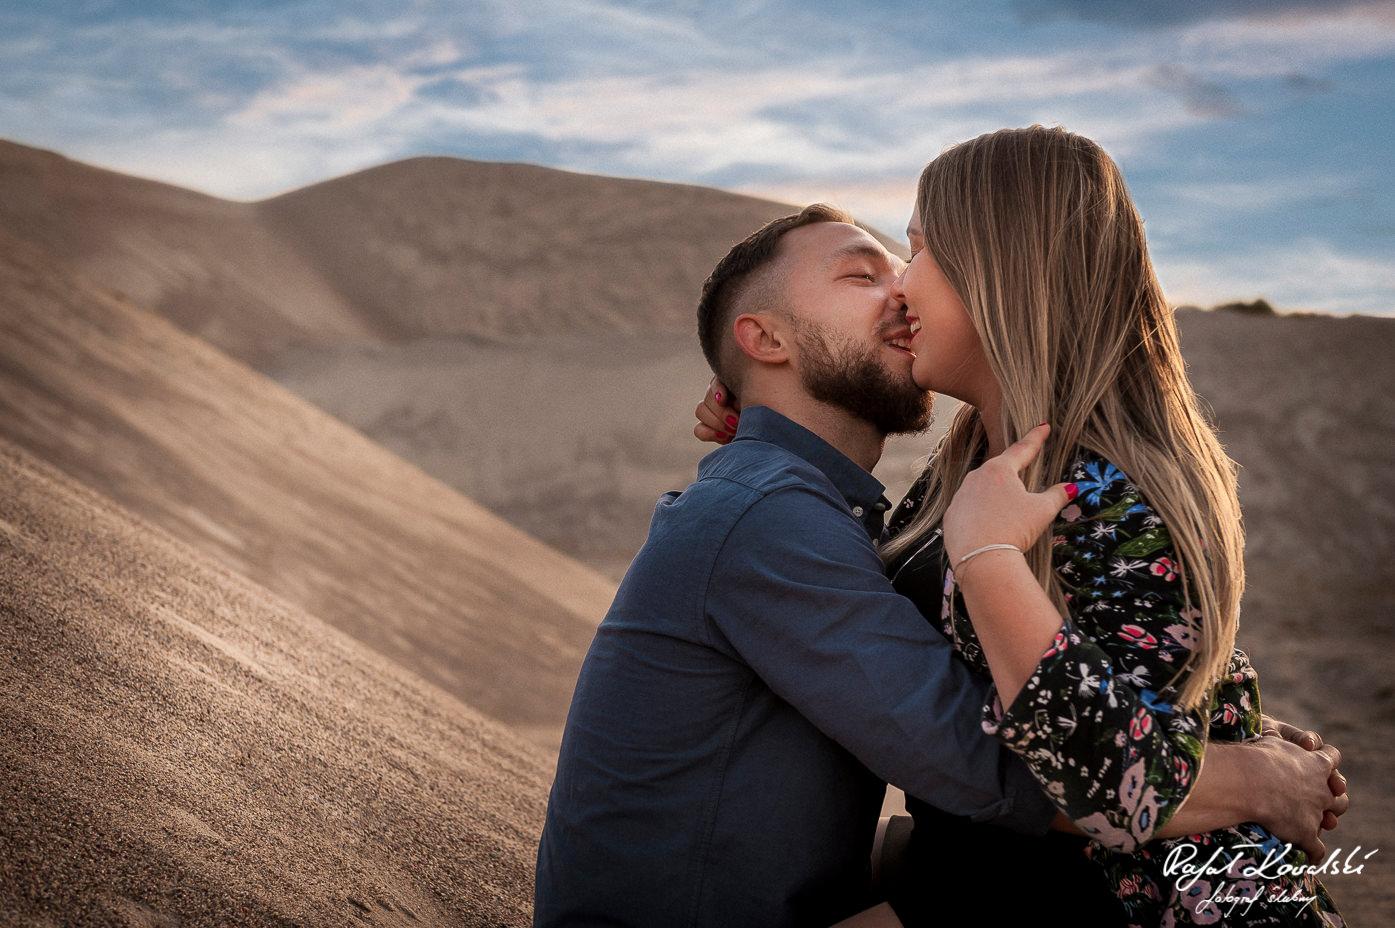 swobodna atmosfera na Sesjach Narzeczeńskich u fotografa z gdańska, Rafała Kowalskiego otwiera nawet bardzo nieśmiałe pary